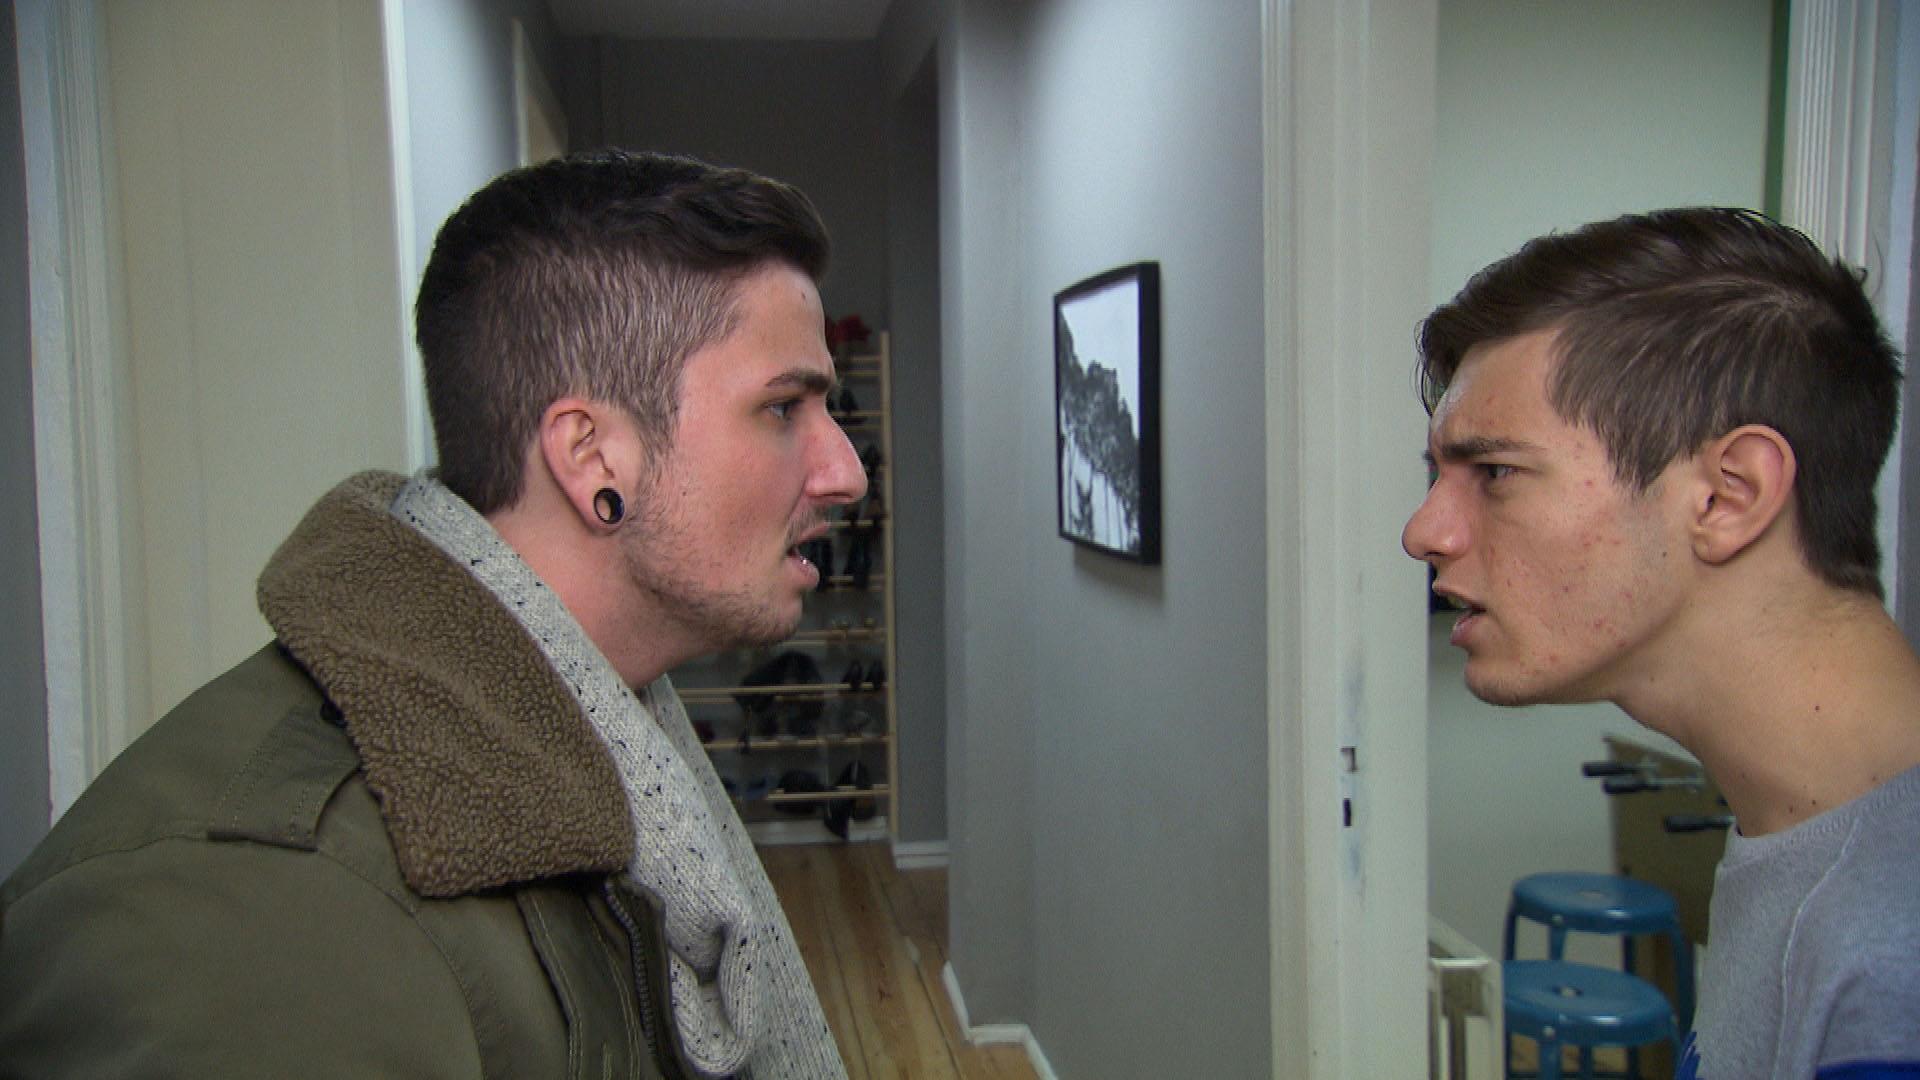 Jannes (li.) ist besorgt, dass Malte (re.) zu Theo in die Kneipe ziehen möchte. (Quelle: RTL2)